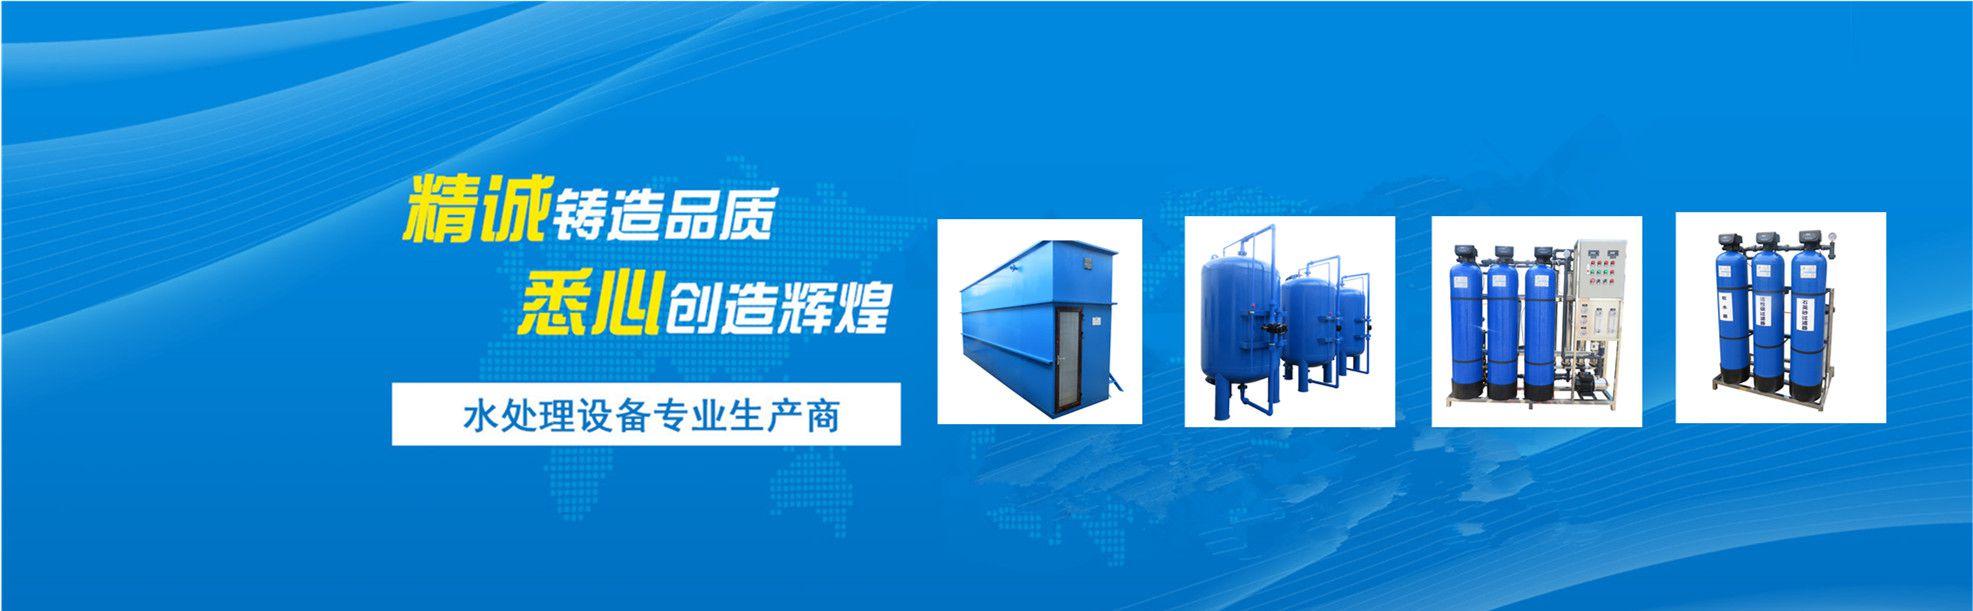 广西华兰达净水设备有限公司